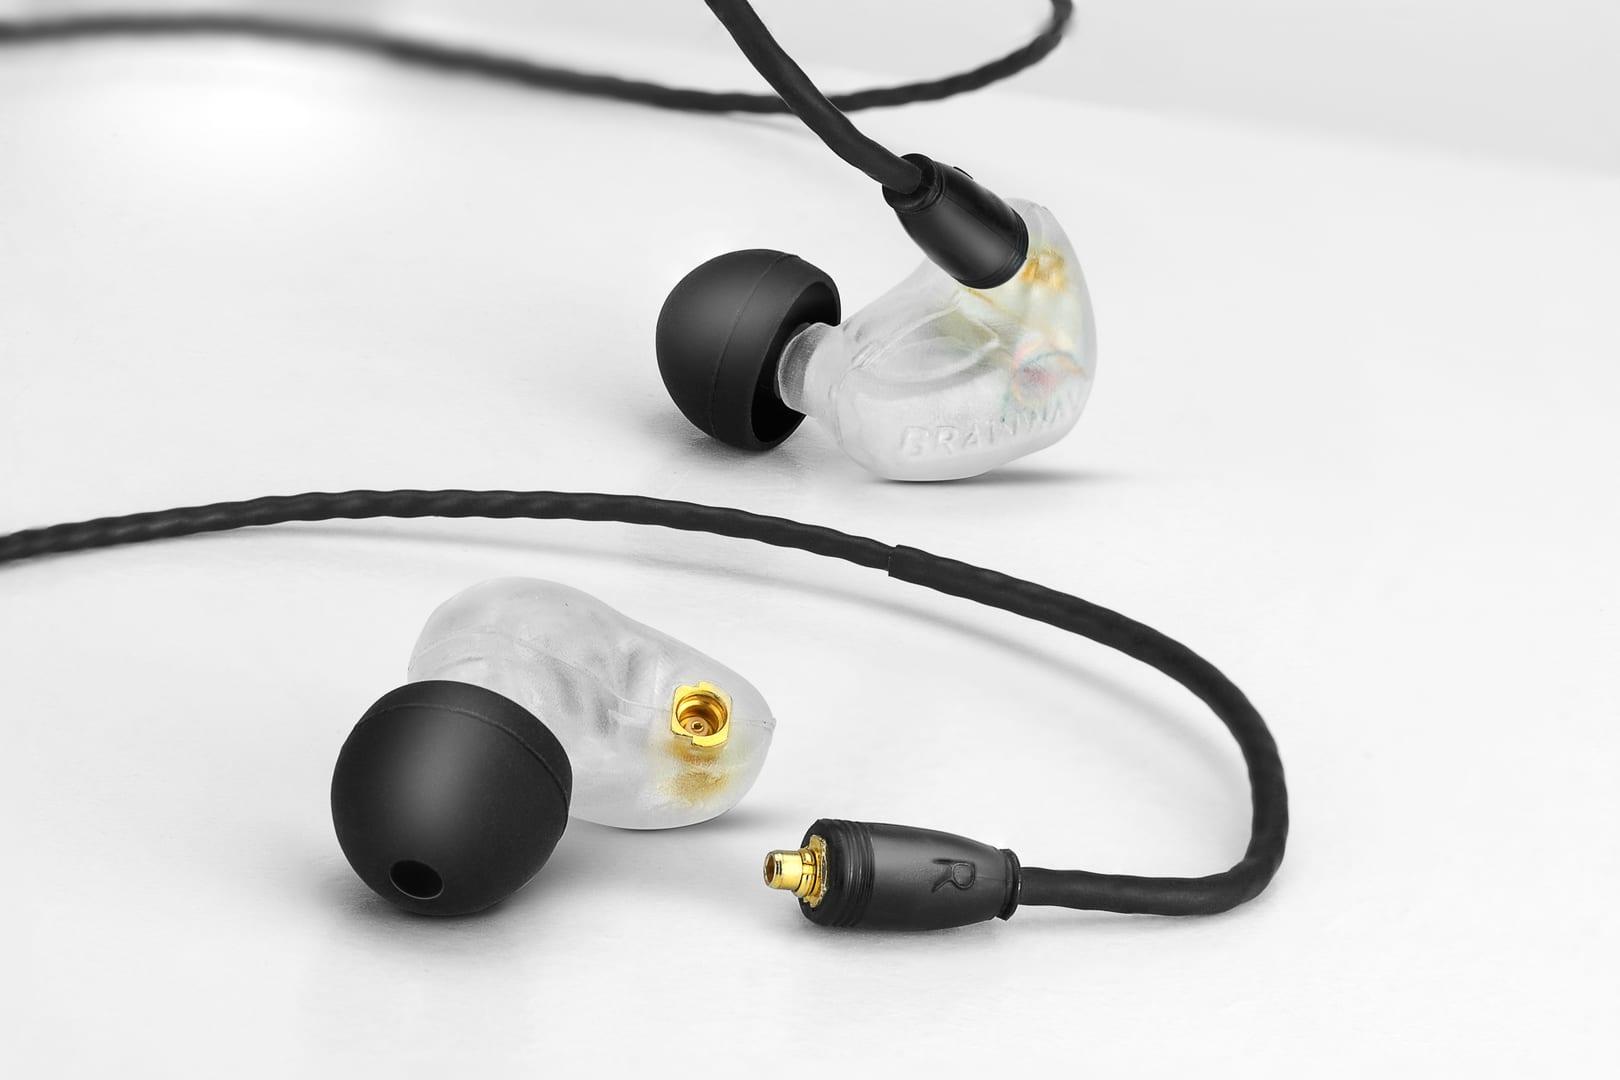 Brainwavz B400 earphone